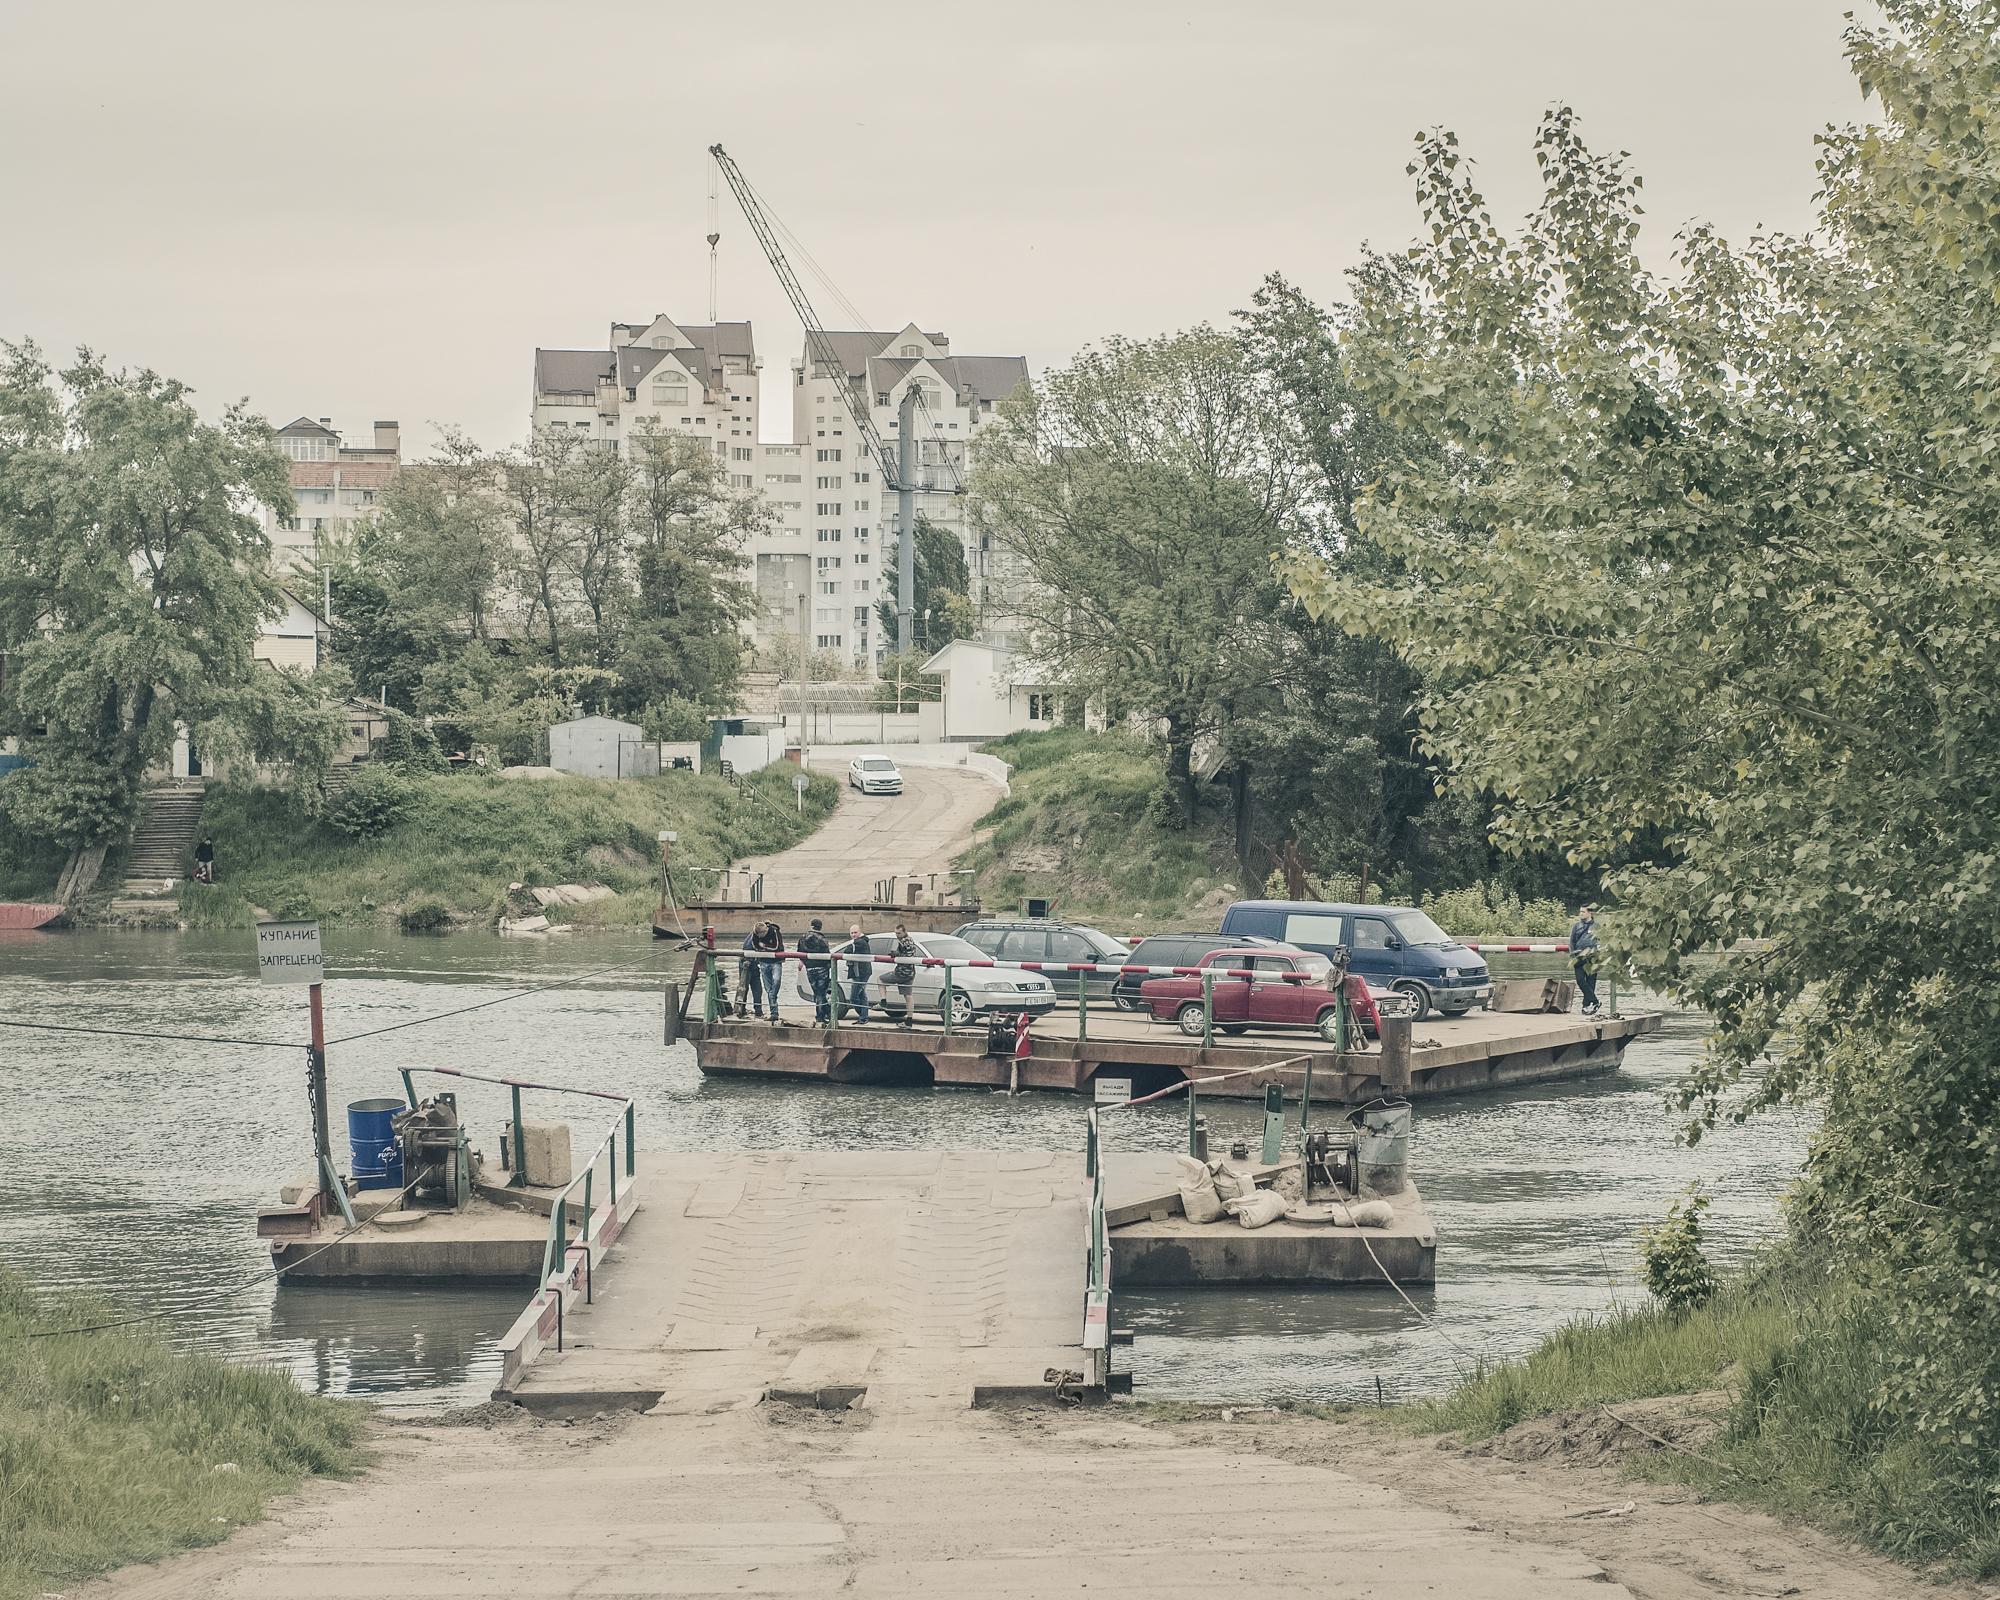 transnistria-thomas-van-den-driessche-055.jpg